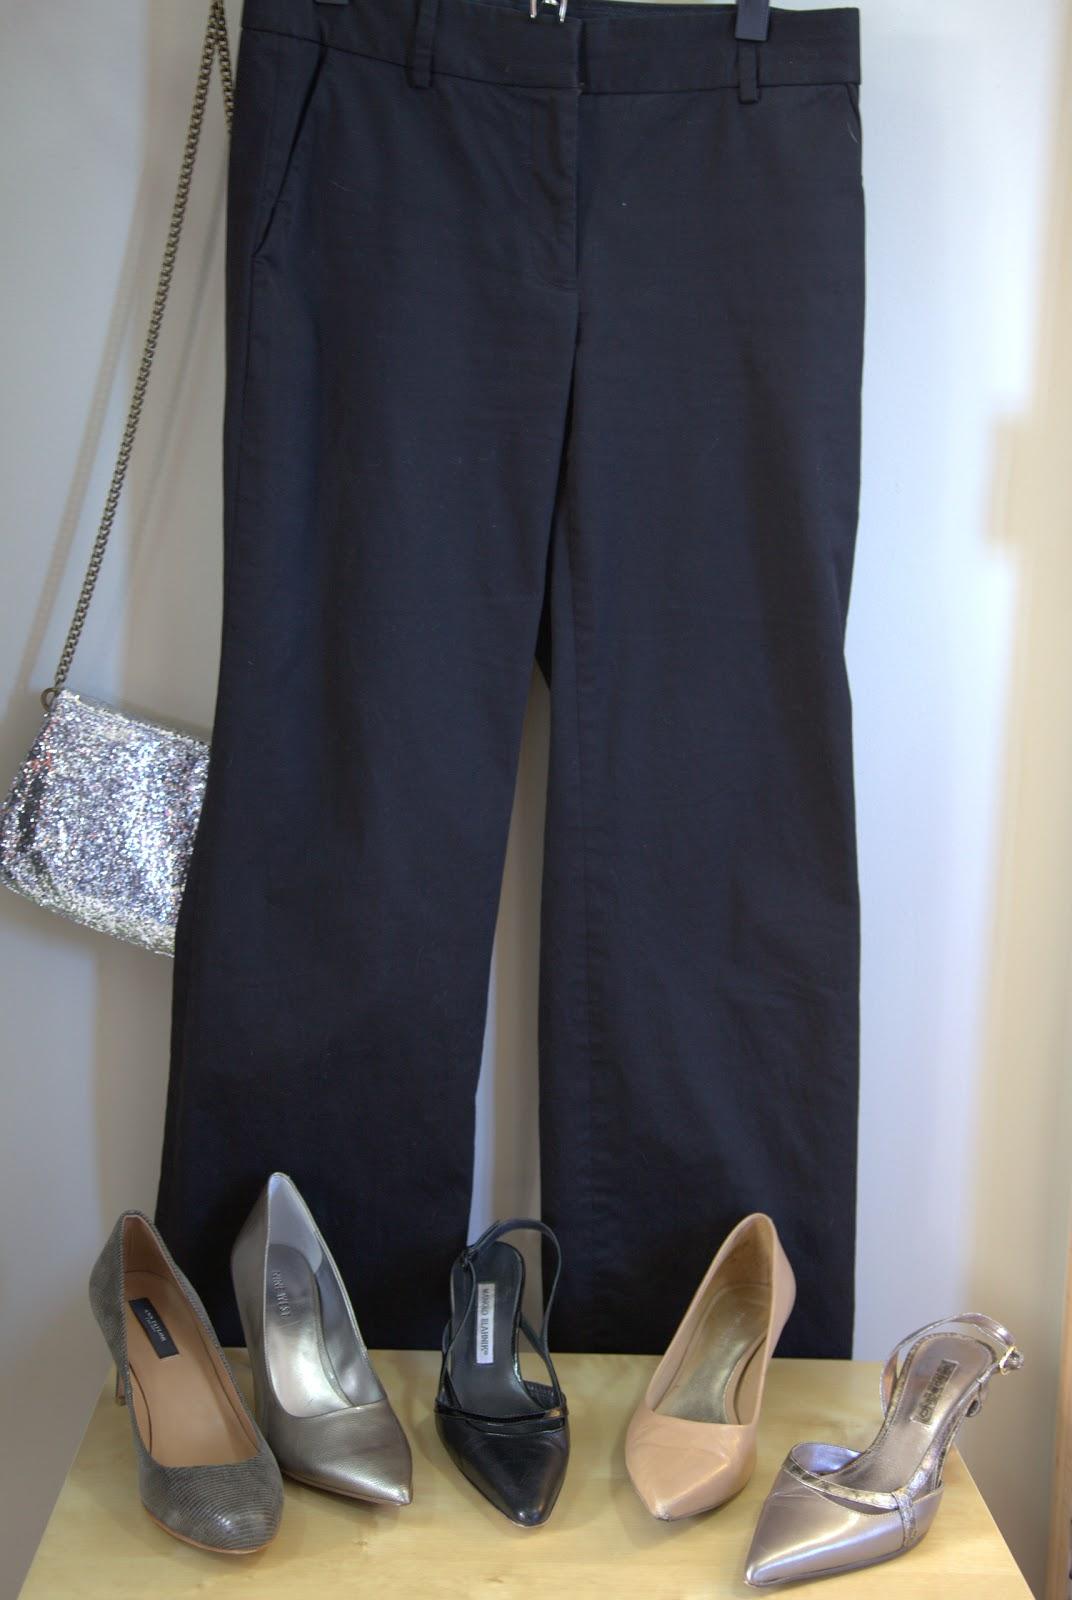 Look new latest sandals for women, Dresses elegant for work